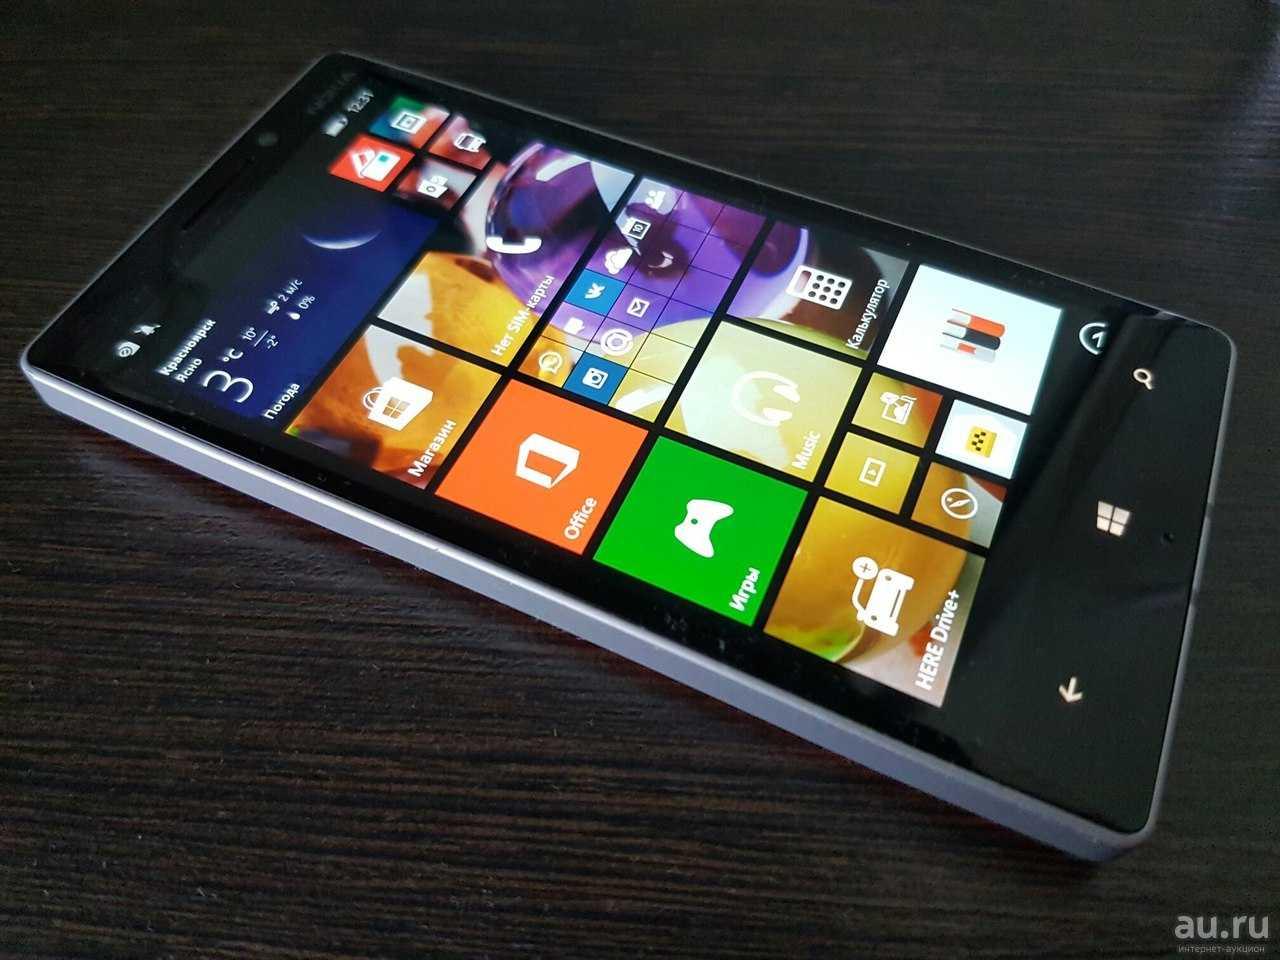 Смартфон nokia lumia 930 — купить, цена и характеристики, отзывы